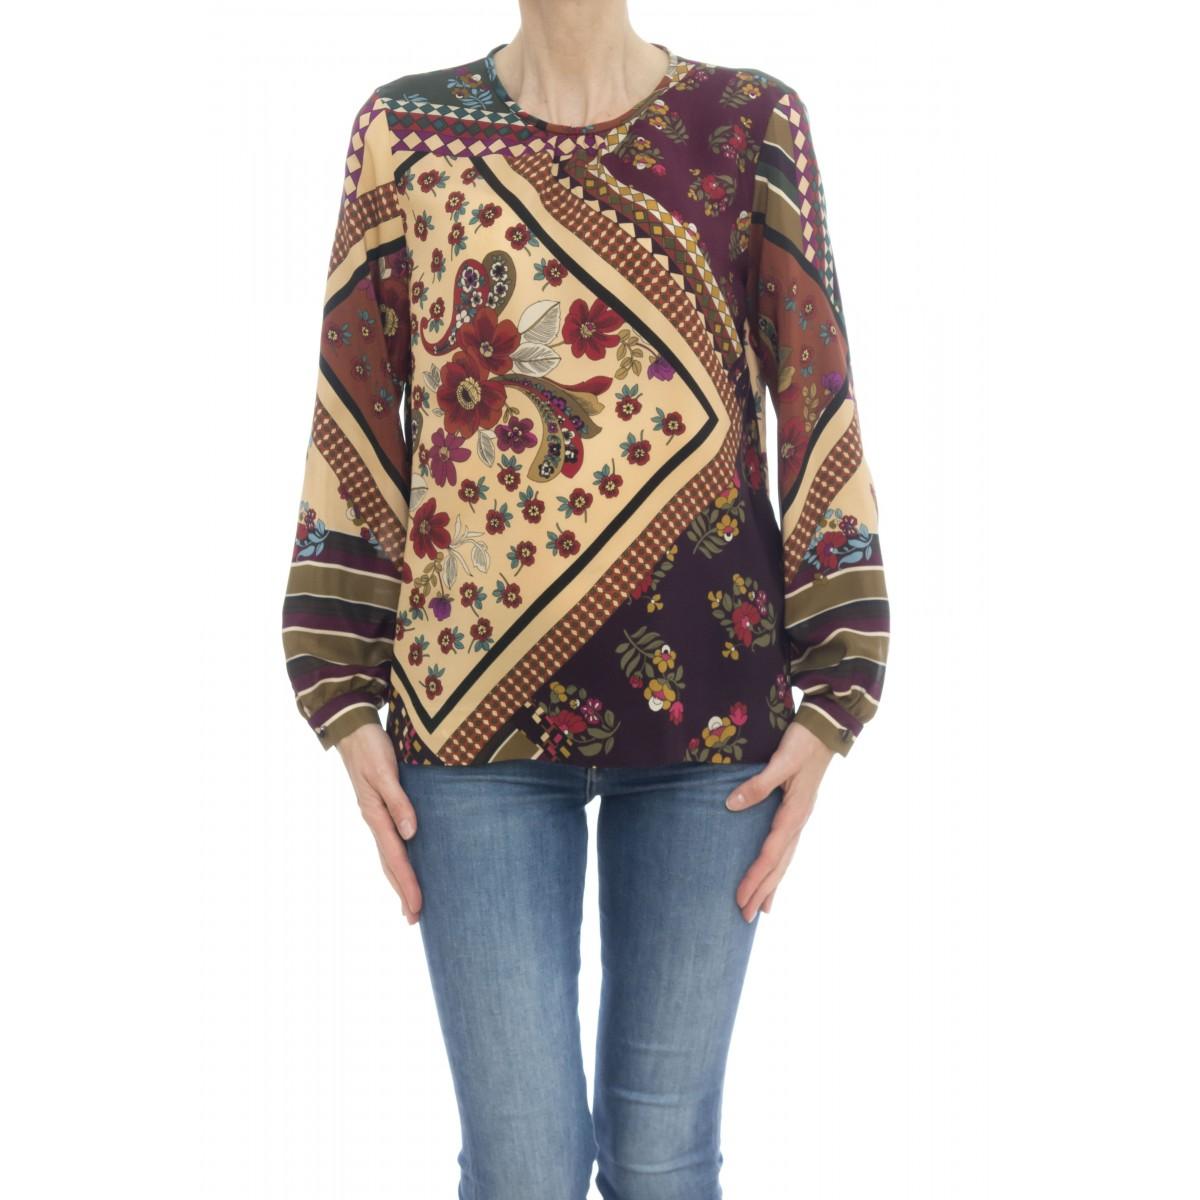 Camicia donna - Pmh z8g camicia seta girocollo stampata